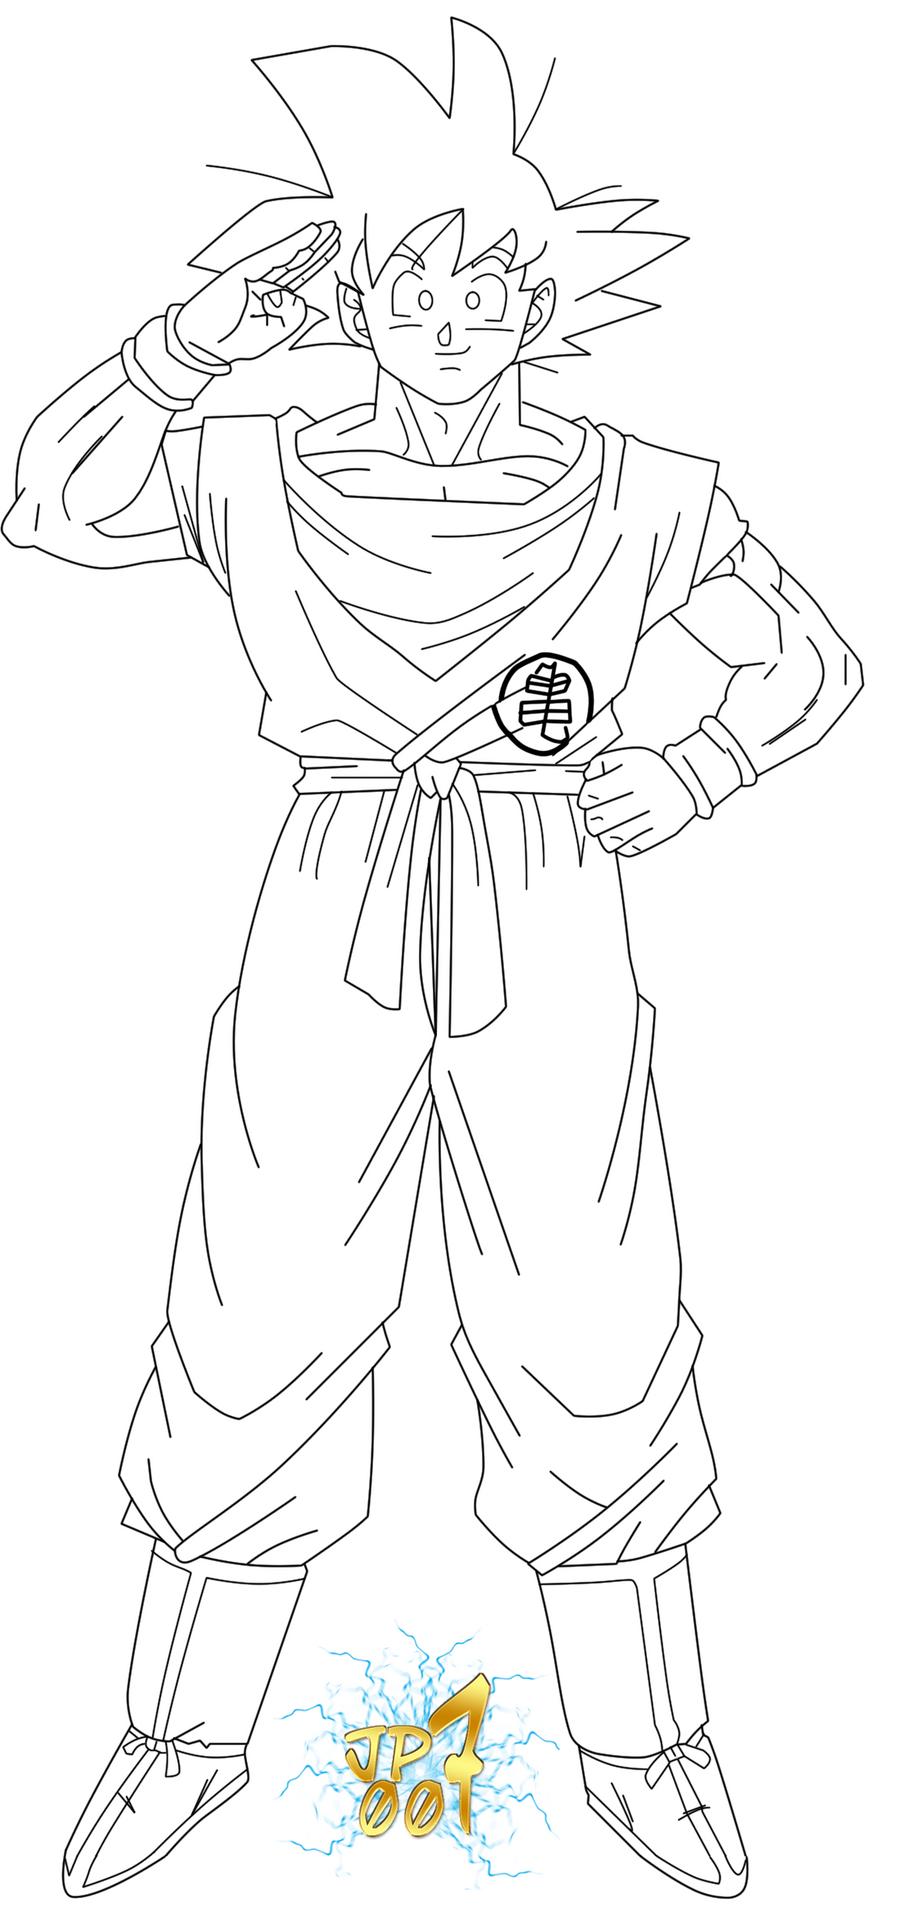 Goku Ova 2008 Lineart By JP7 by jeanpaul007 on DeviantArt